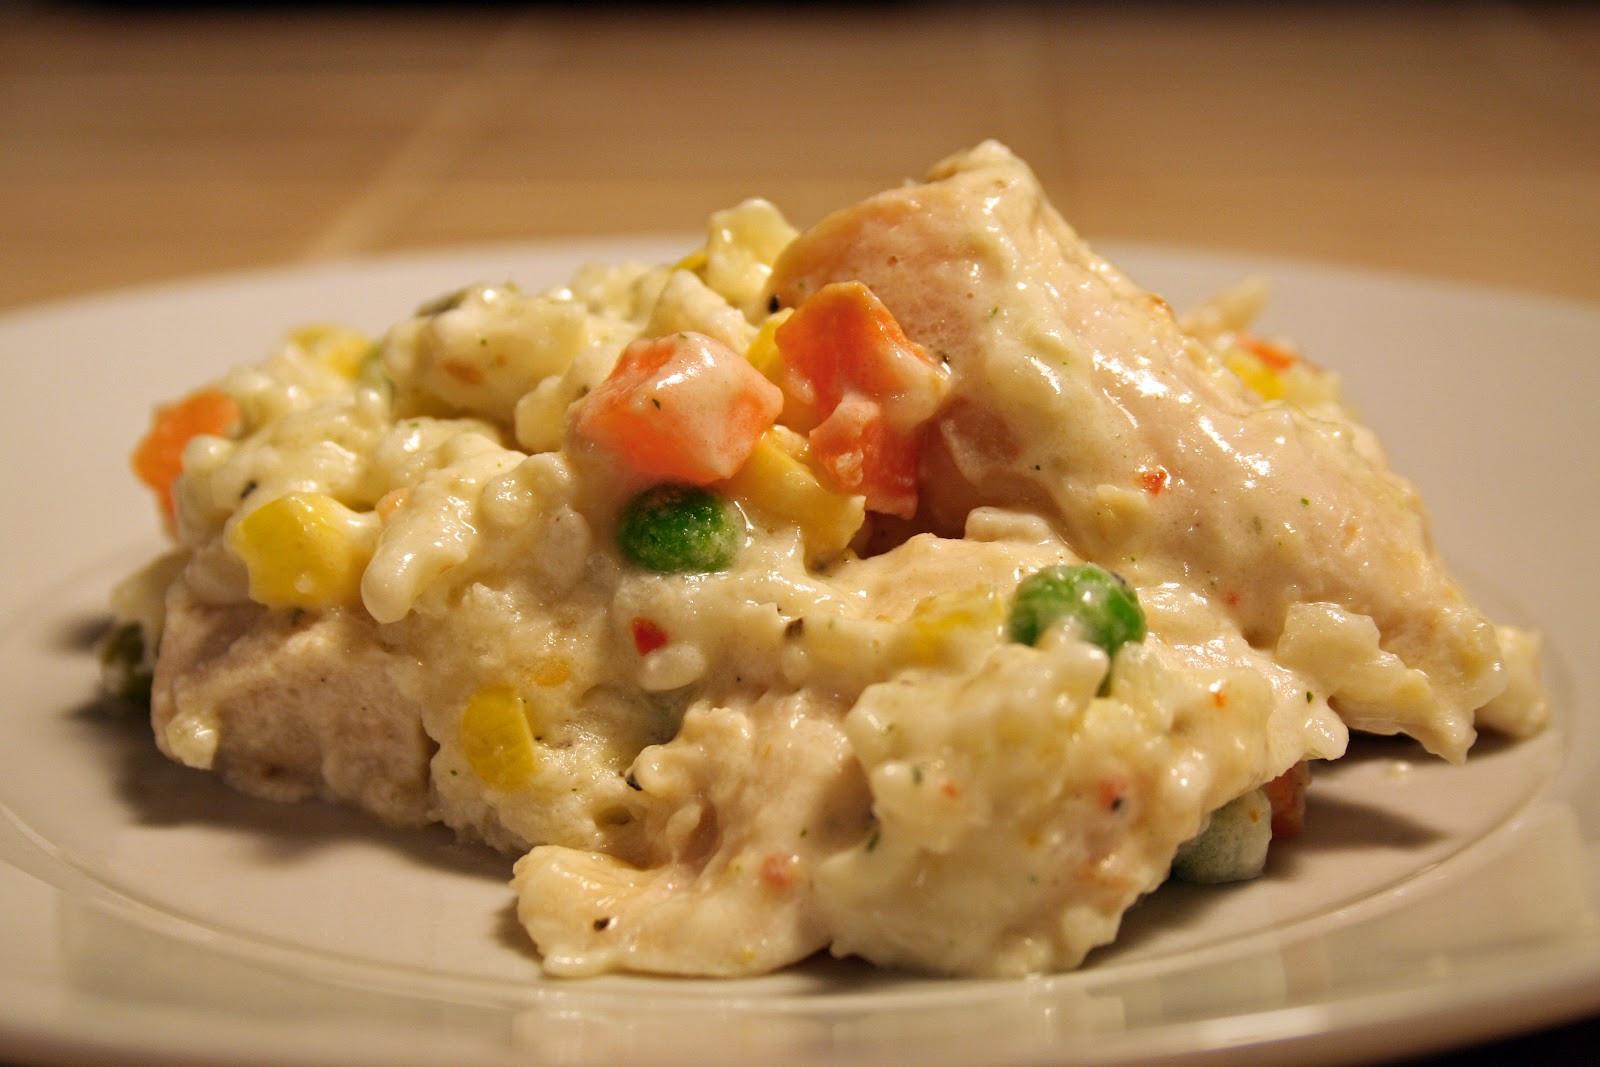 Cream Of Chicken And Rice Casserole  Lazy Gluten Free Chicken & Rice Casserole